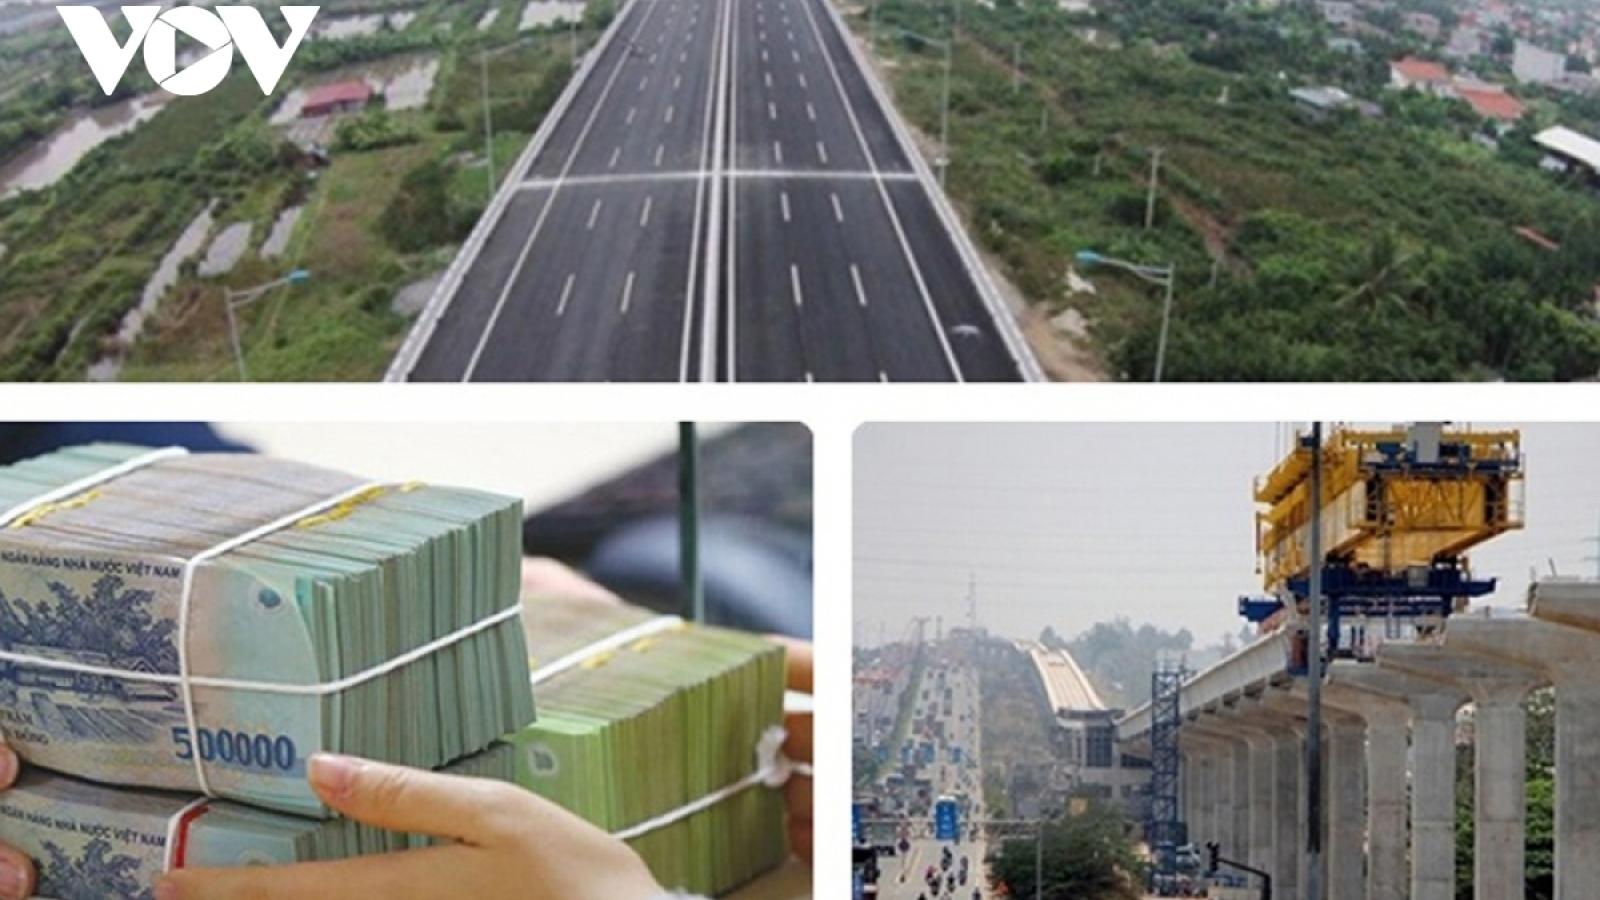 Thủ tướng chỉ đạo đẩy nhanh tiến độ thực hiện và giải ngân kế hoạch đầu tư công năm 2021